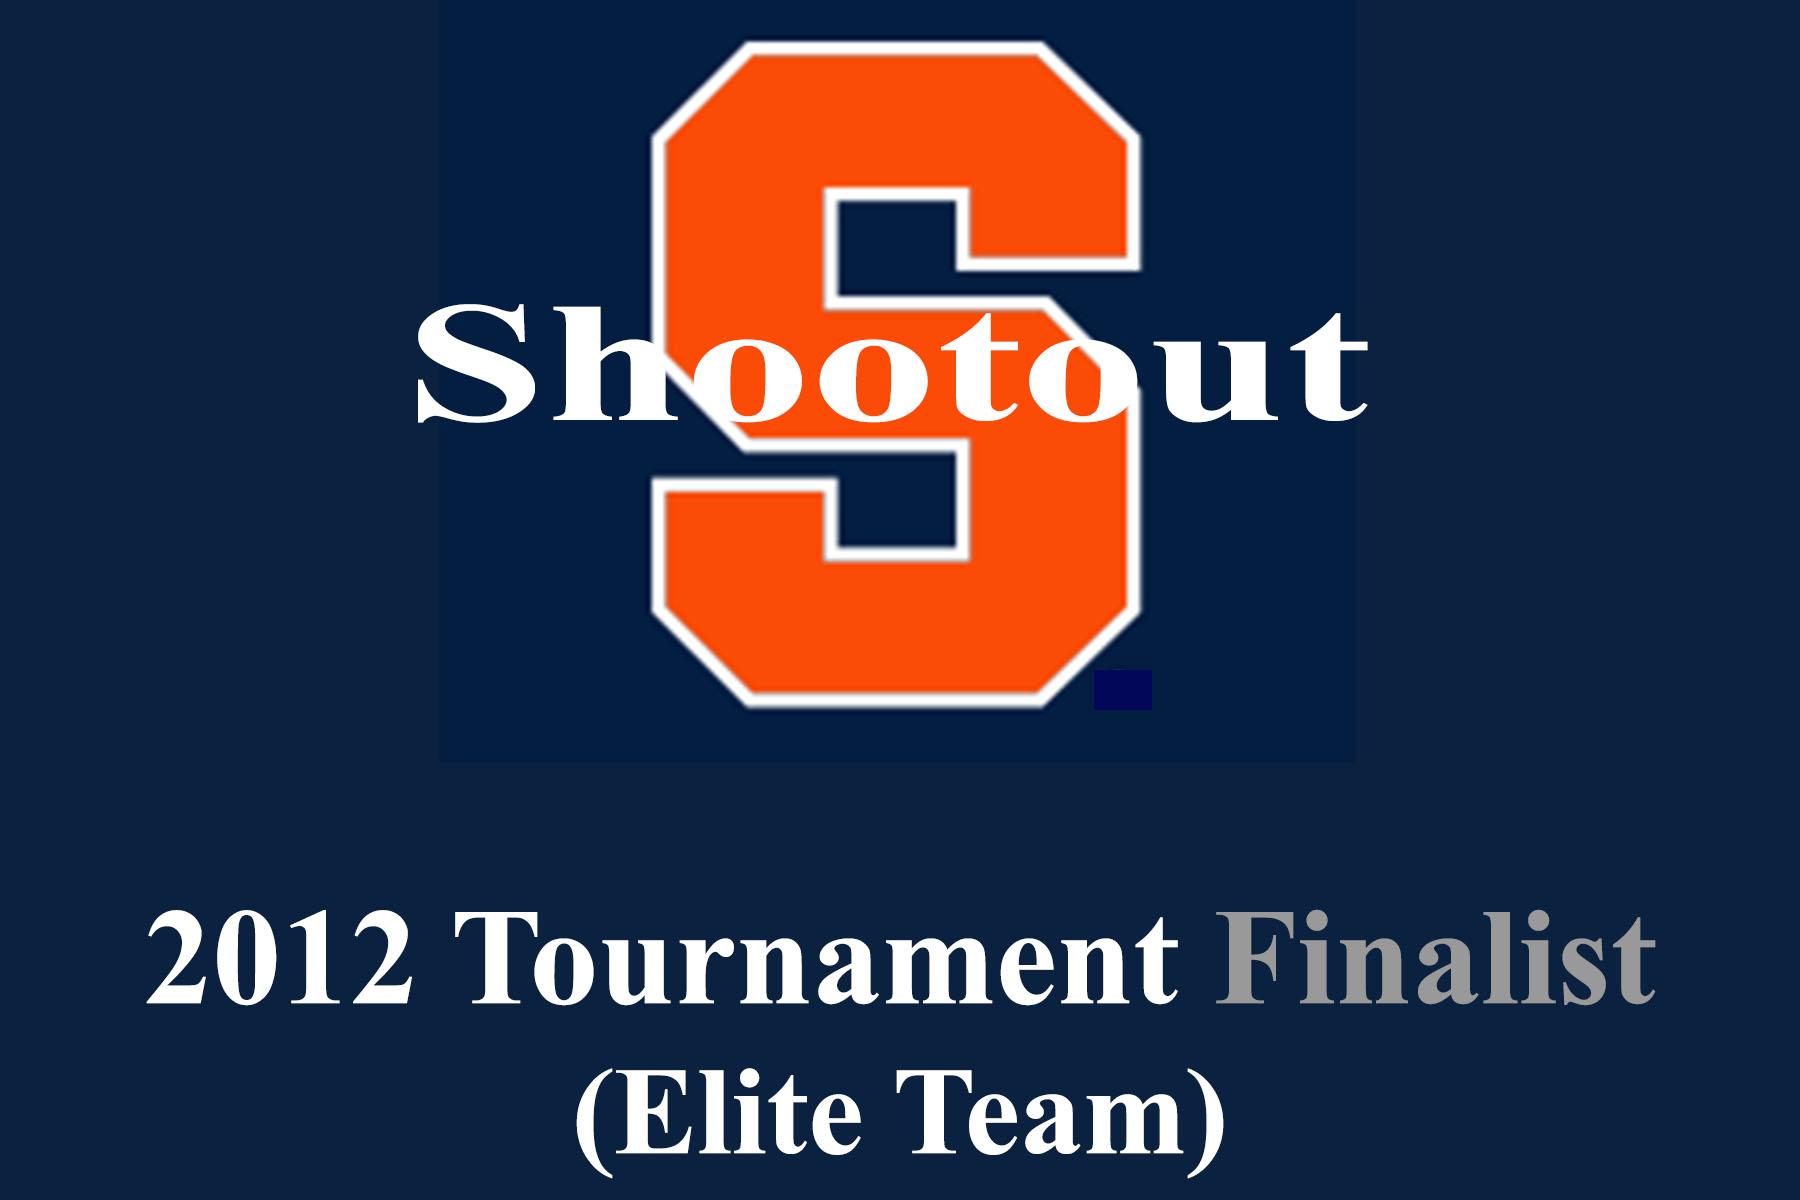 2012 su shootout finalist